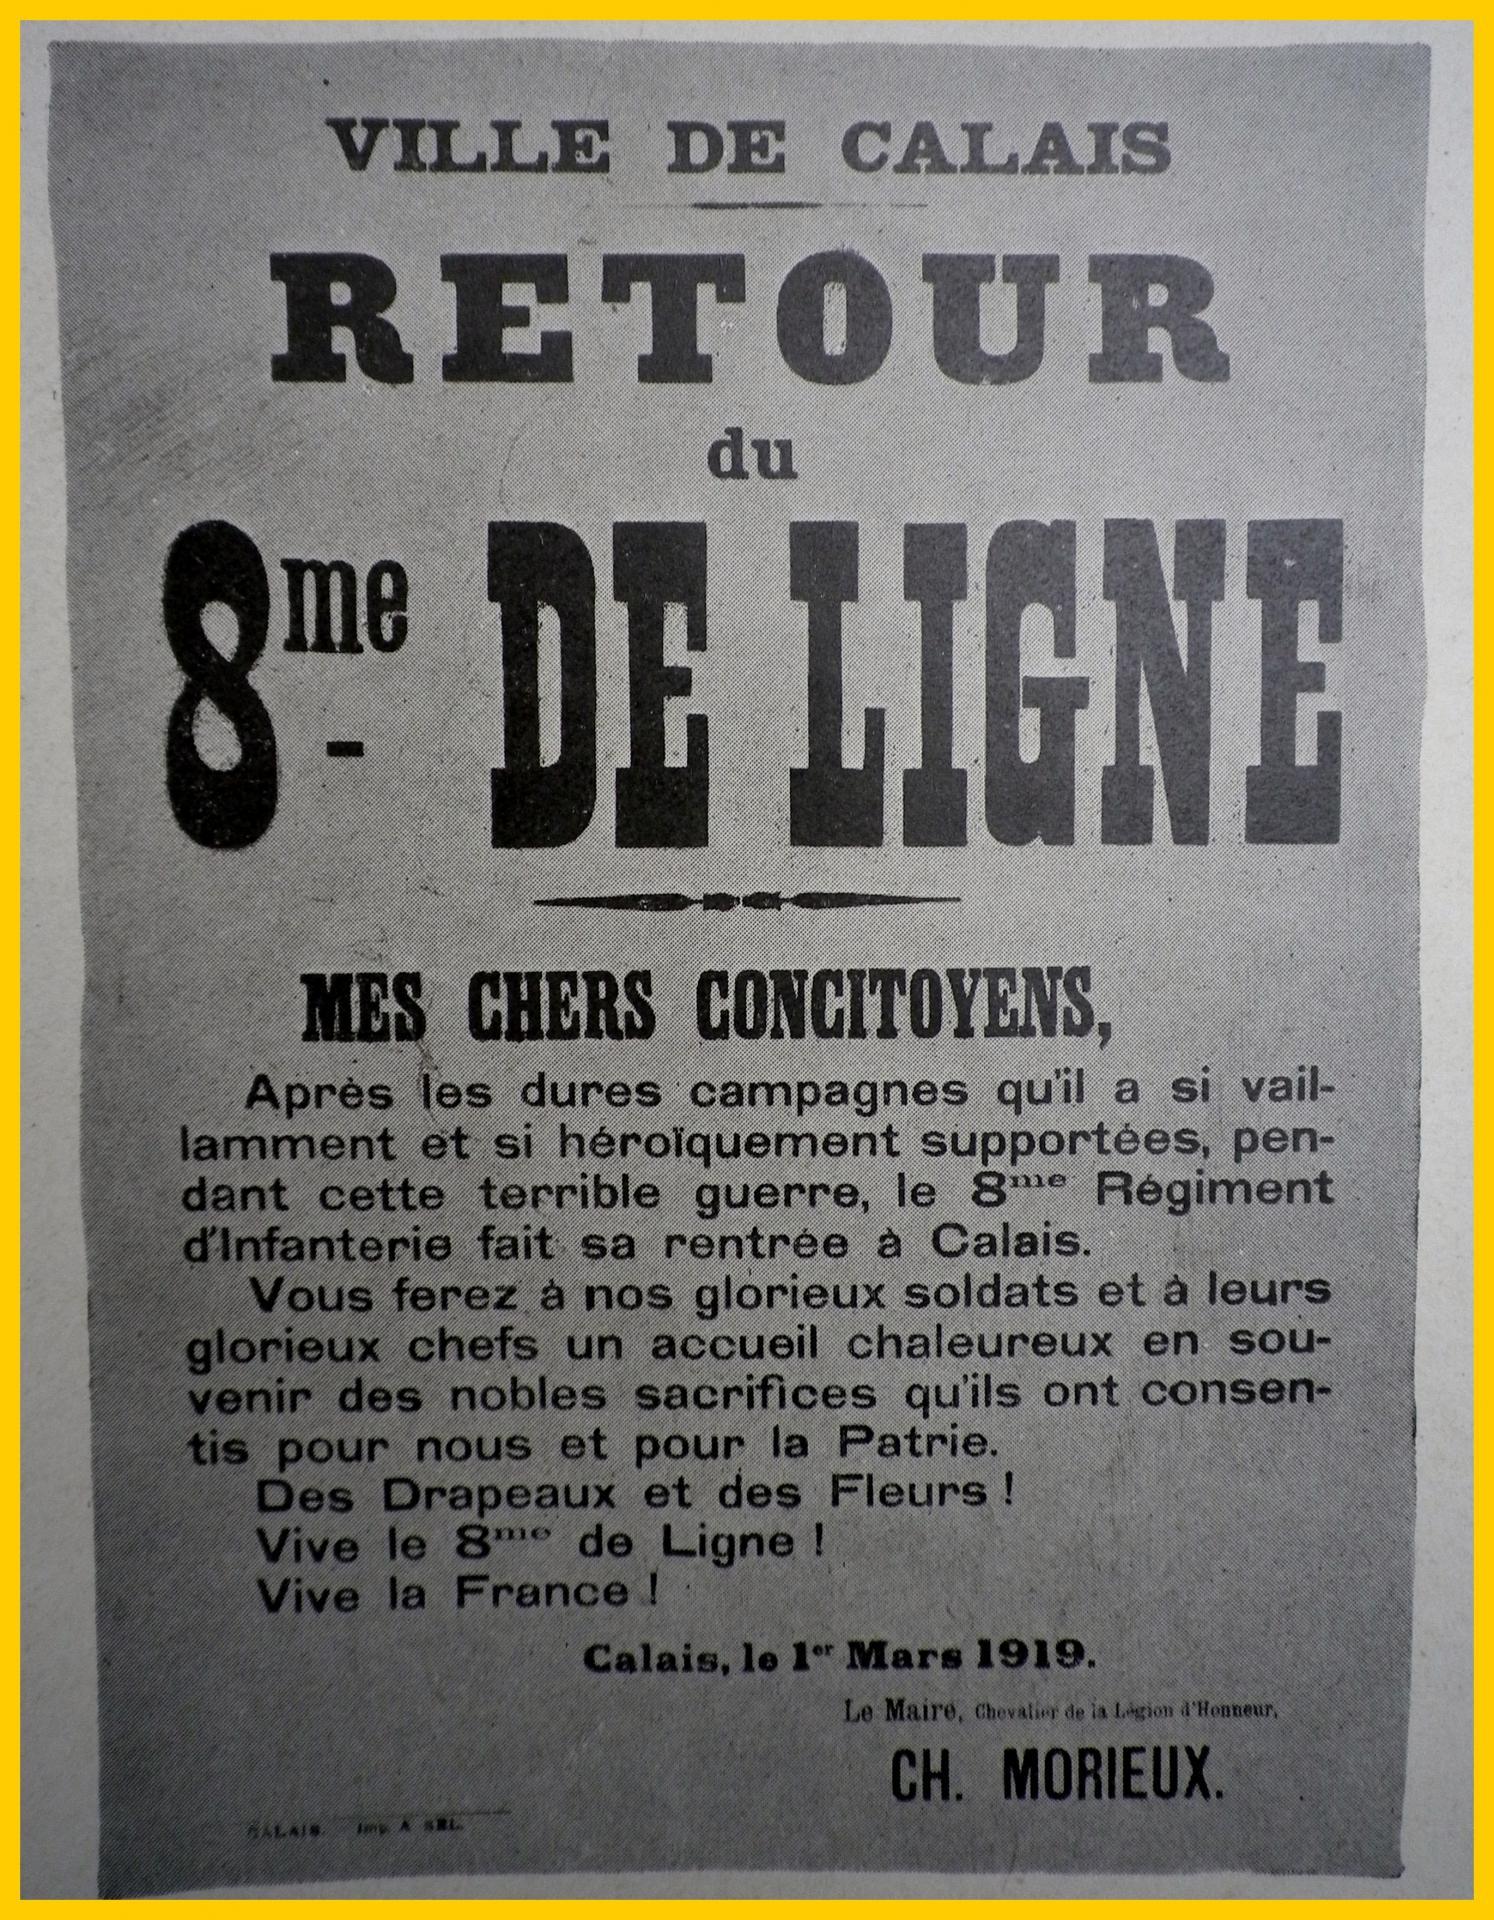 Calais 14 18 retour du 8eme regiment d infanterie a calais encadre